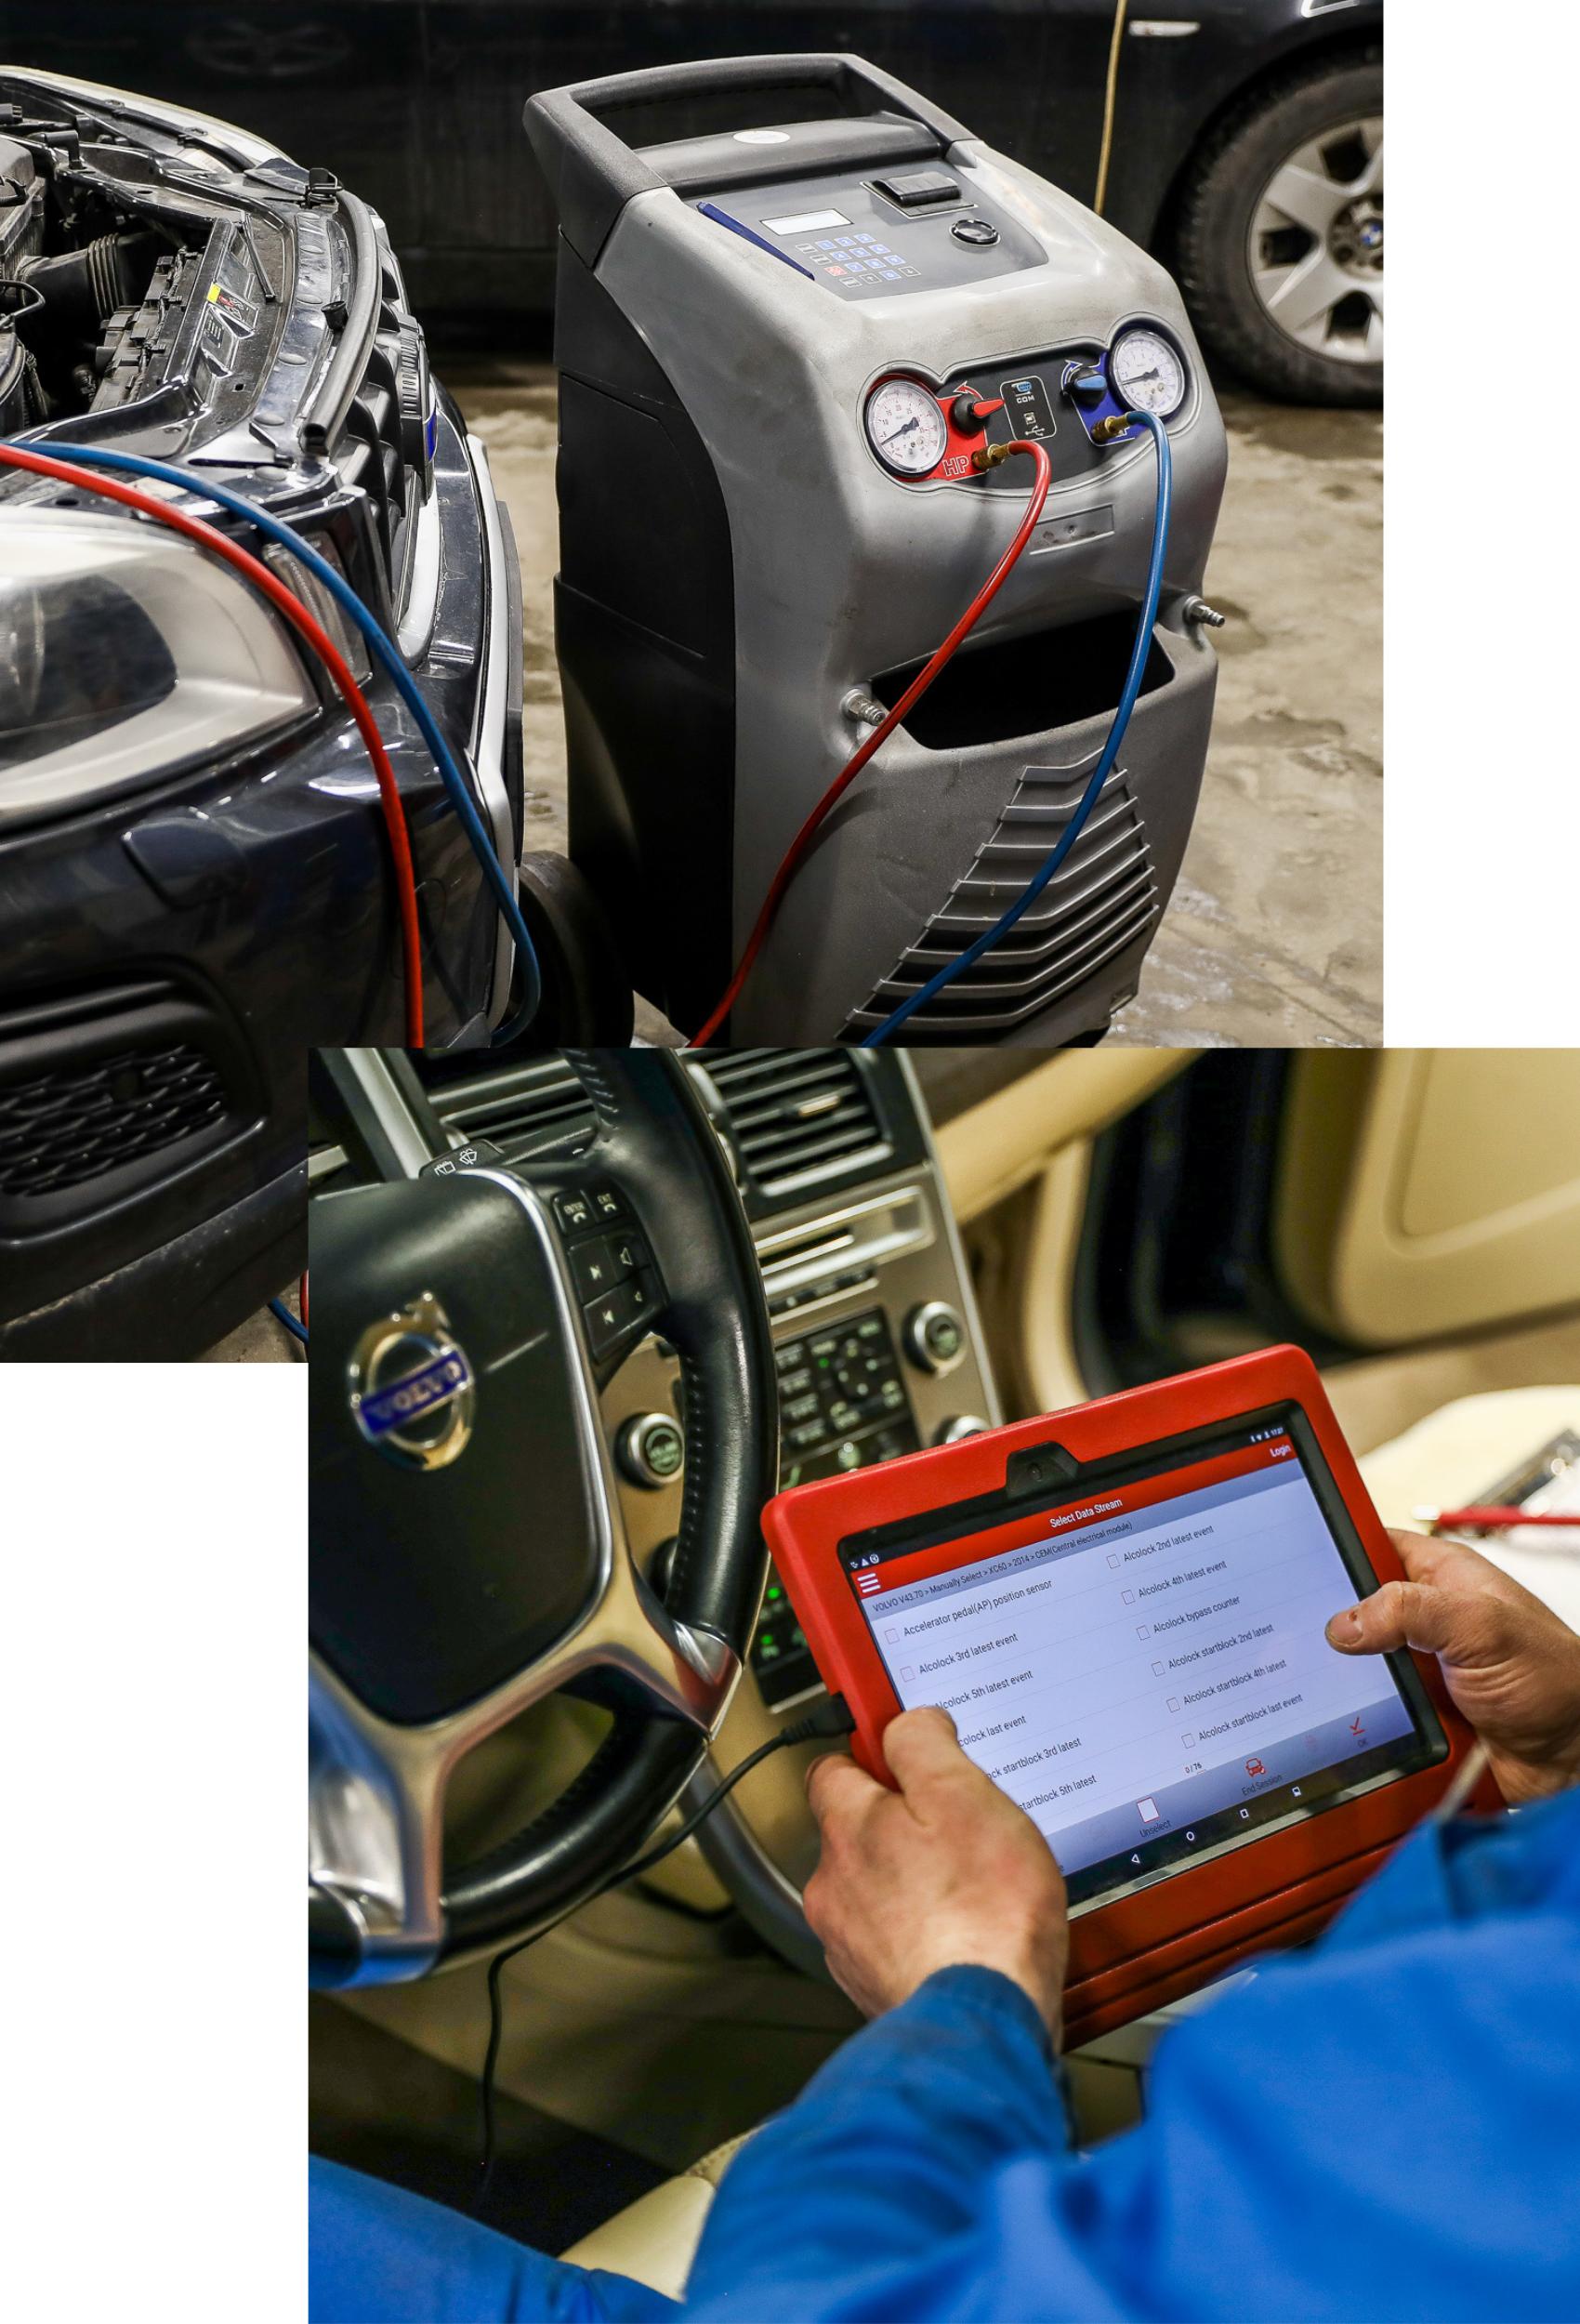 autoelektrikų paslaugos, dvi nuotraukos su įranga. Kondicionierių pildymo aparatas vienoje ir autolektrikas su planšete diagnotikai kitoje